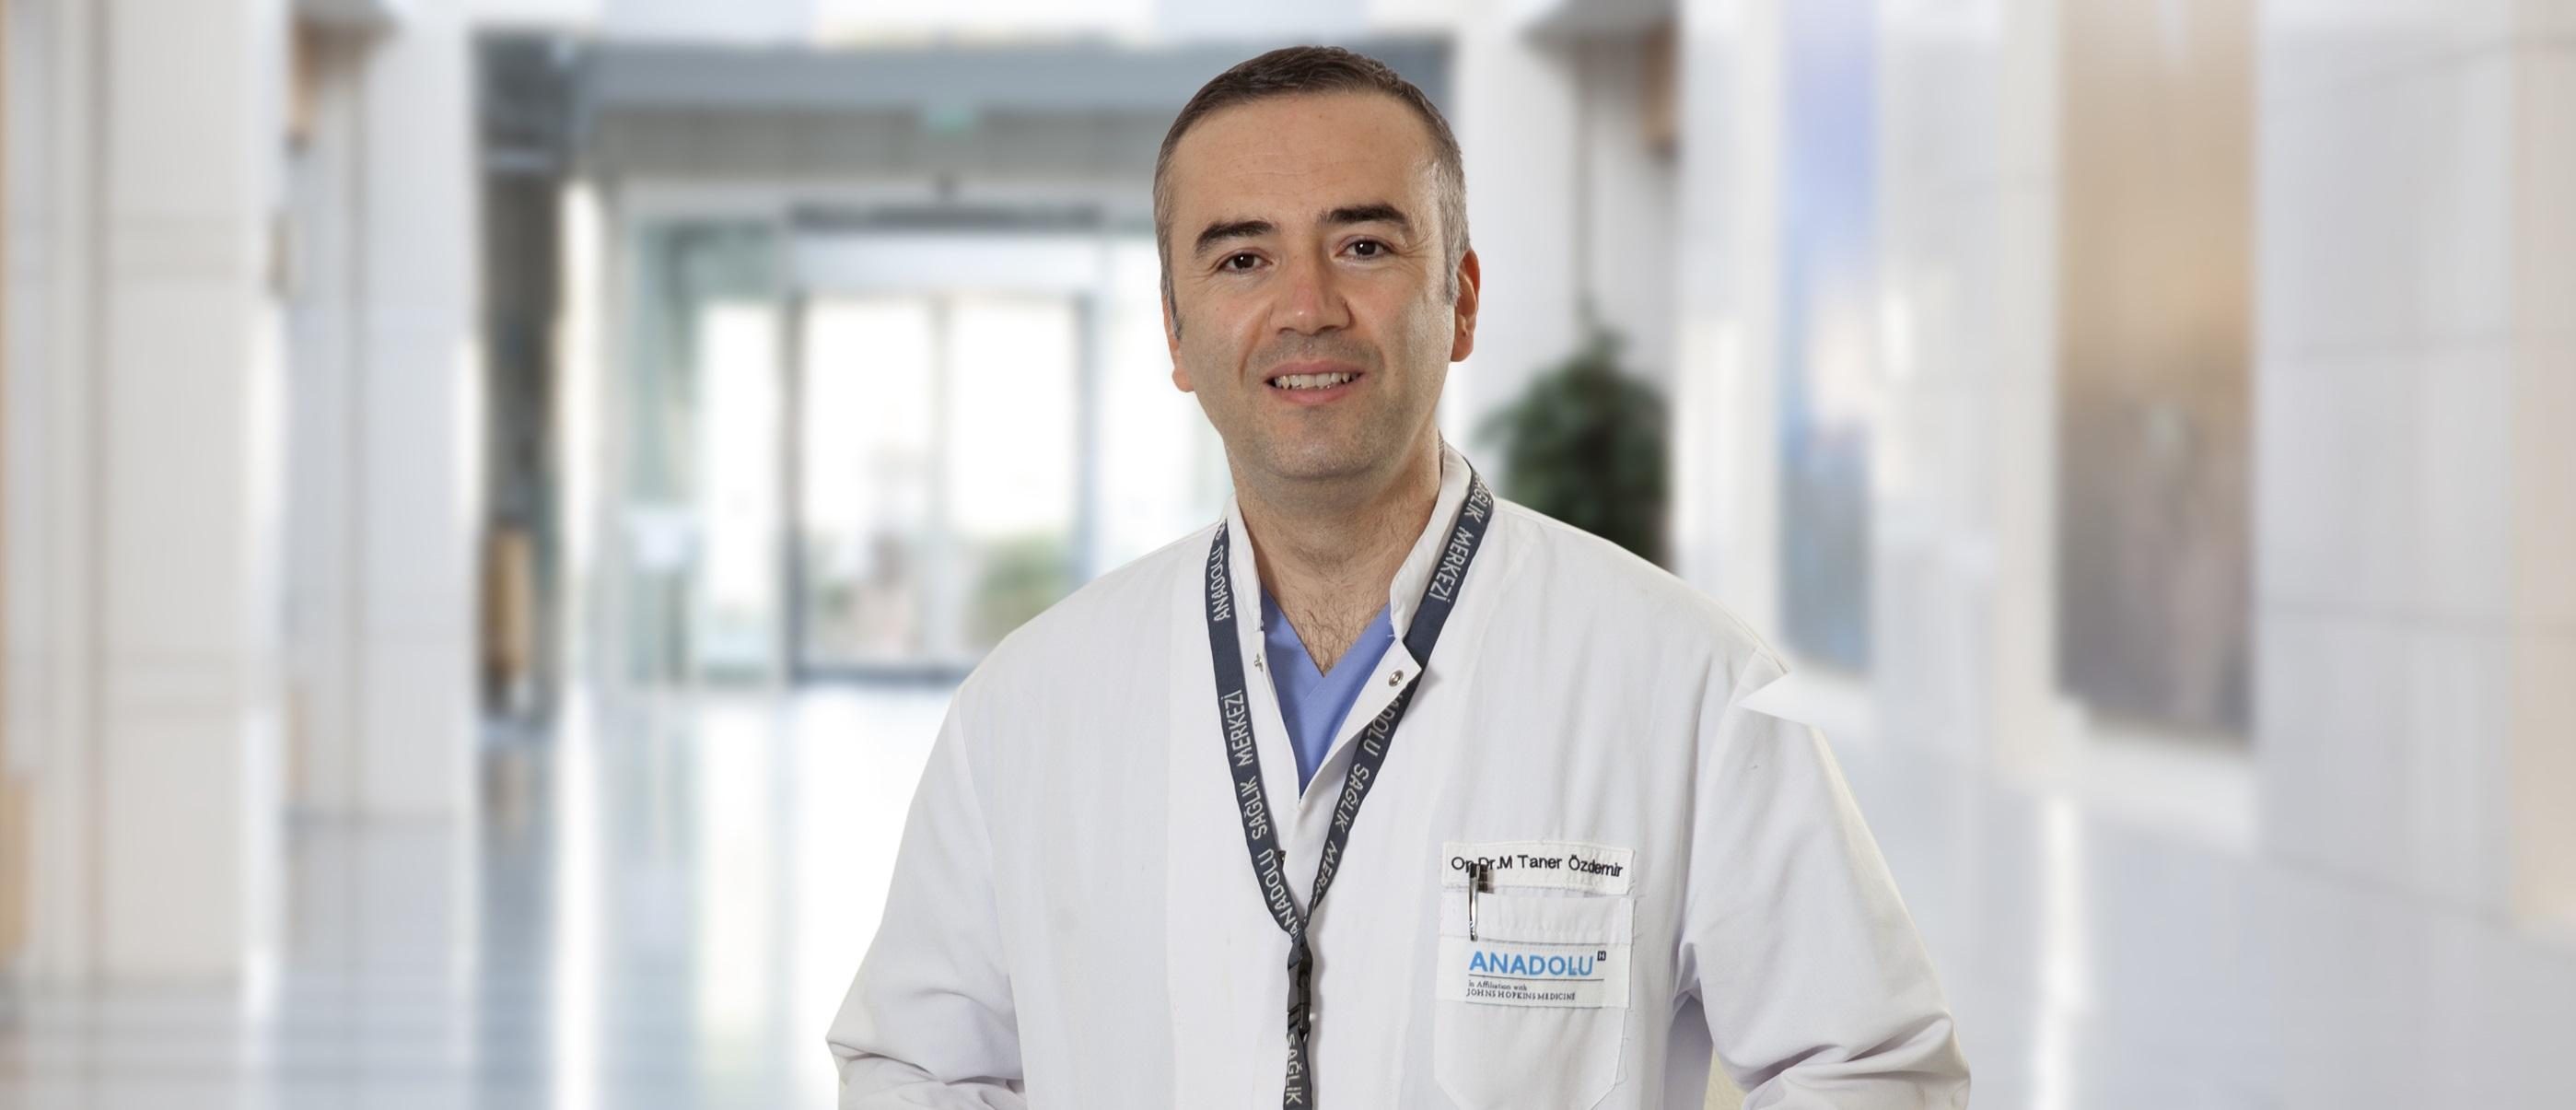 Мехмет Танер Оздемир — квалифицированная помощь в медицинском центре Anadolu